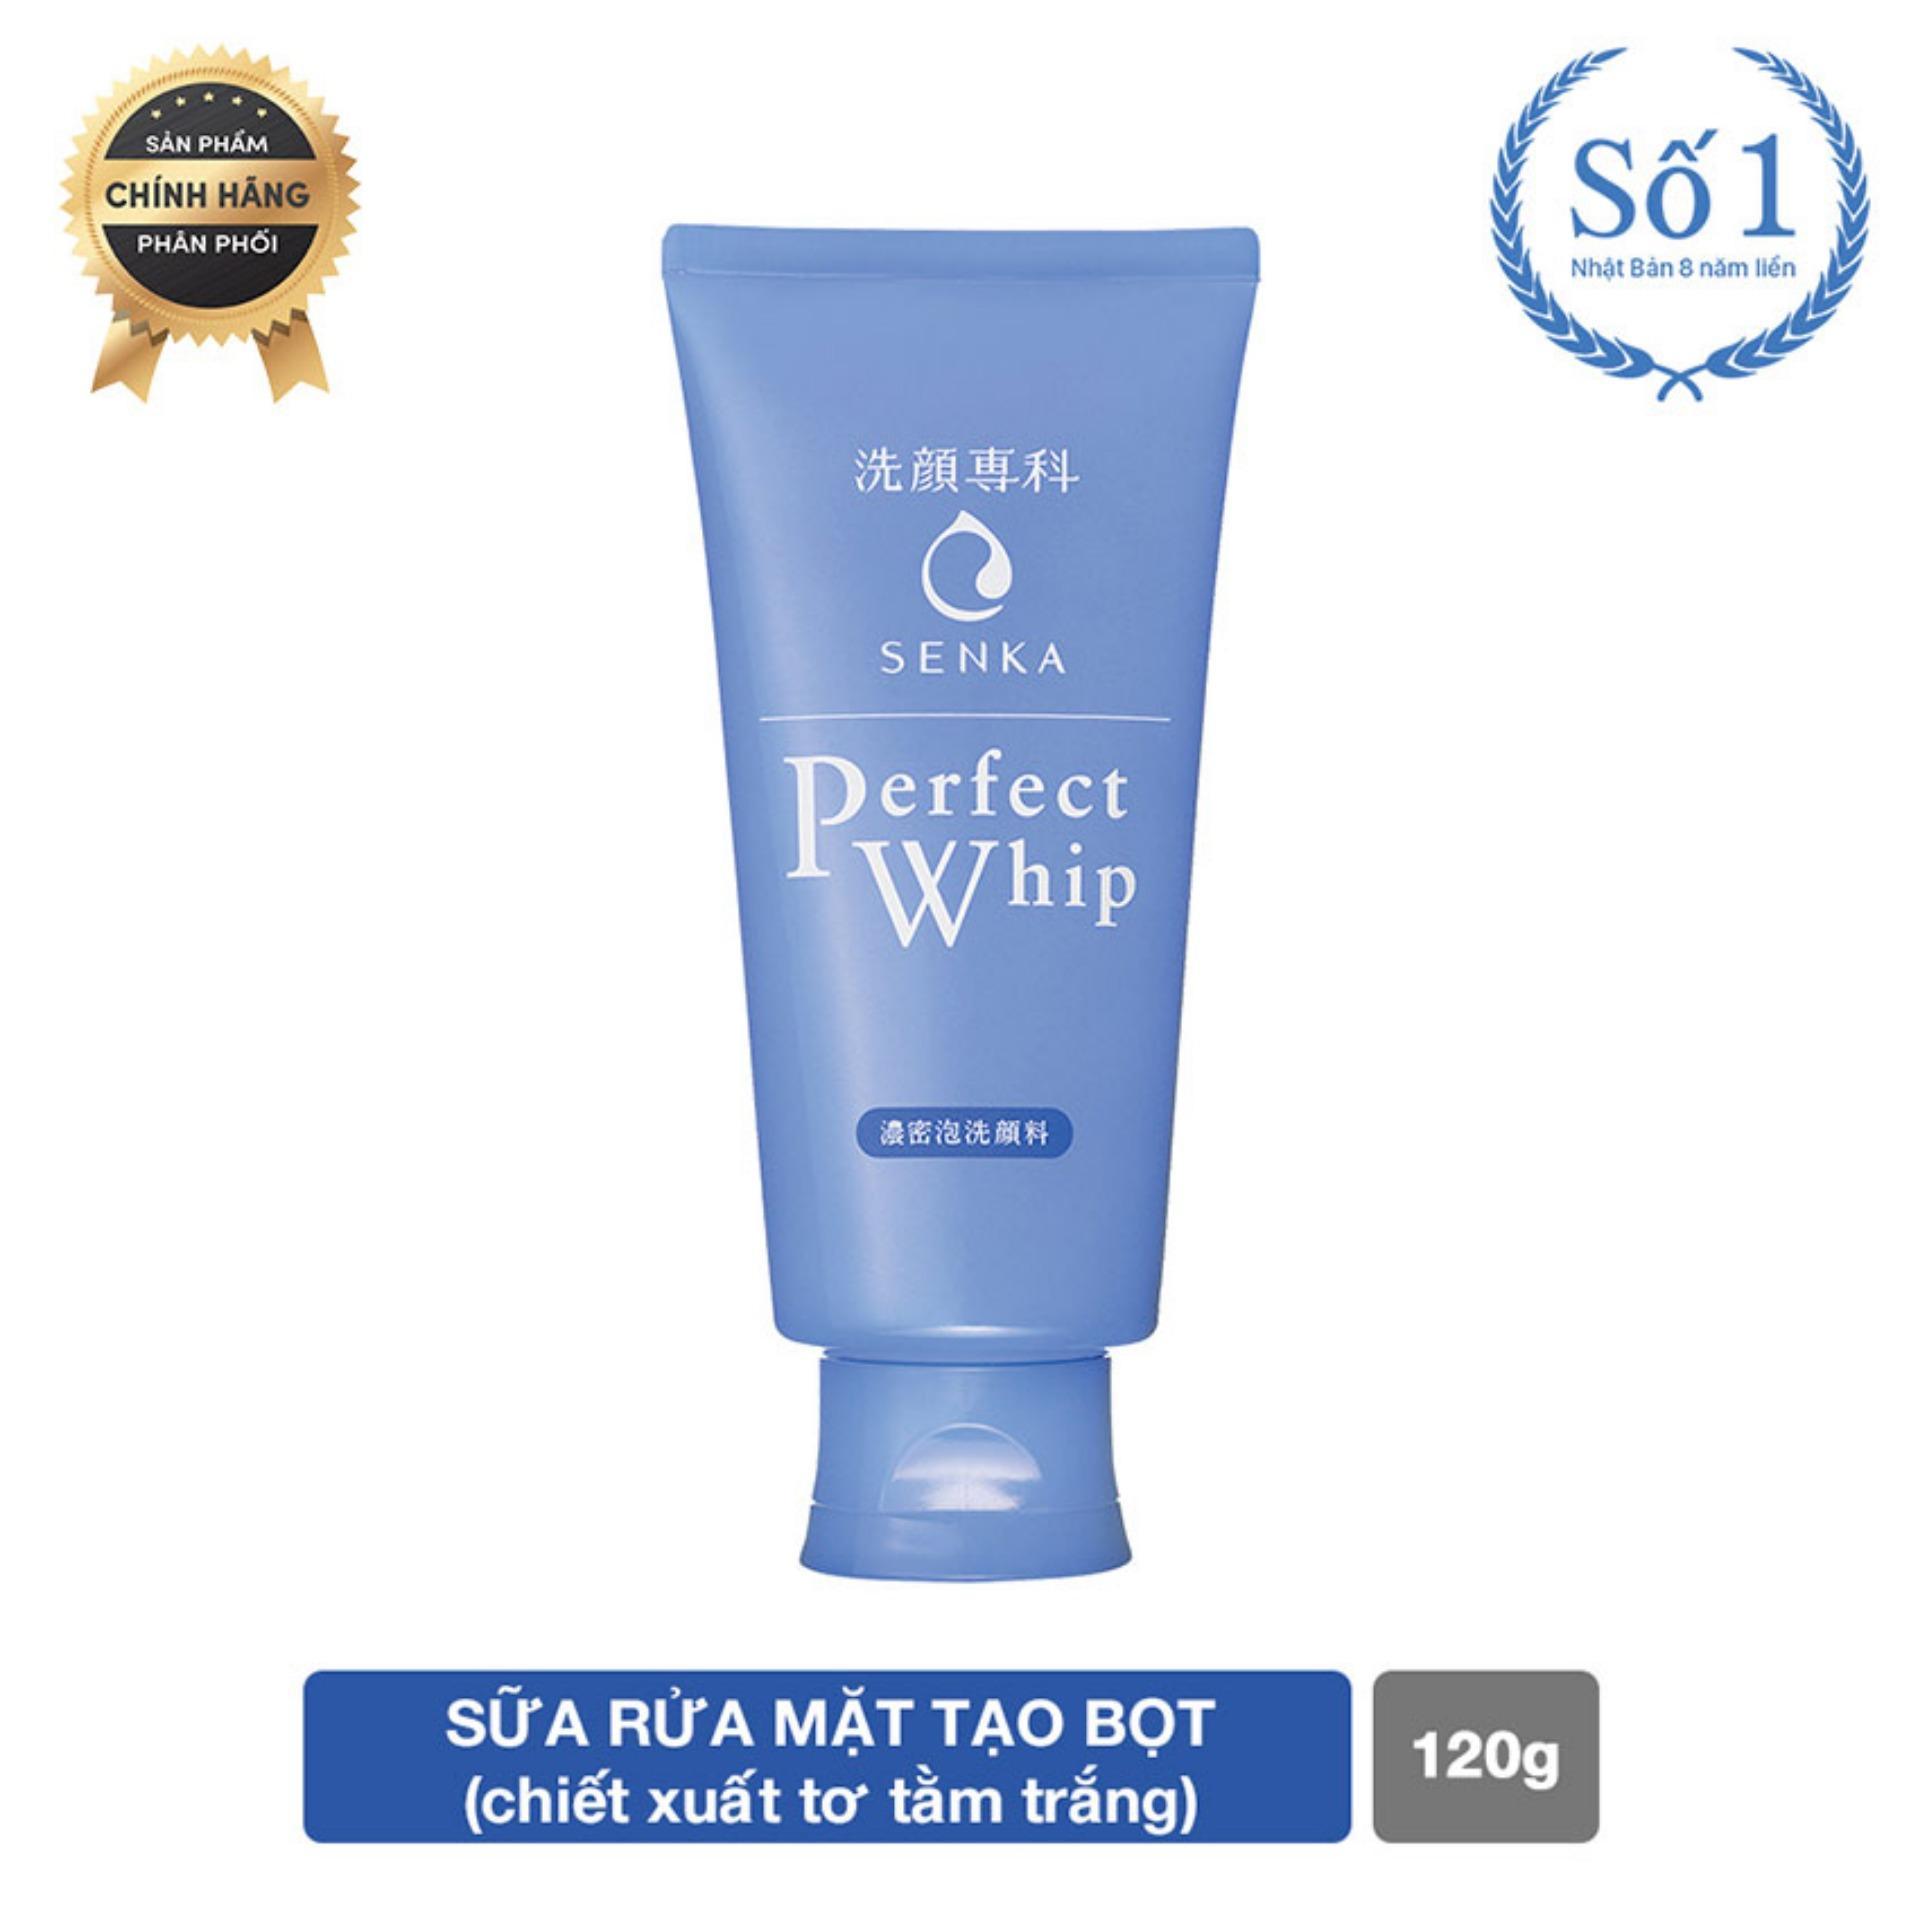 Sữa rửa mặt tạo bọt chiết xuất tơ tằm trắng Senka Perfect Whip 120g